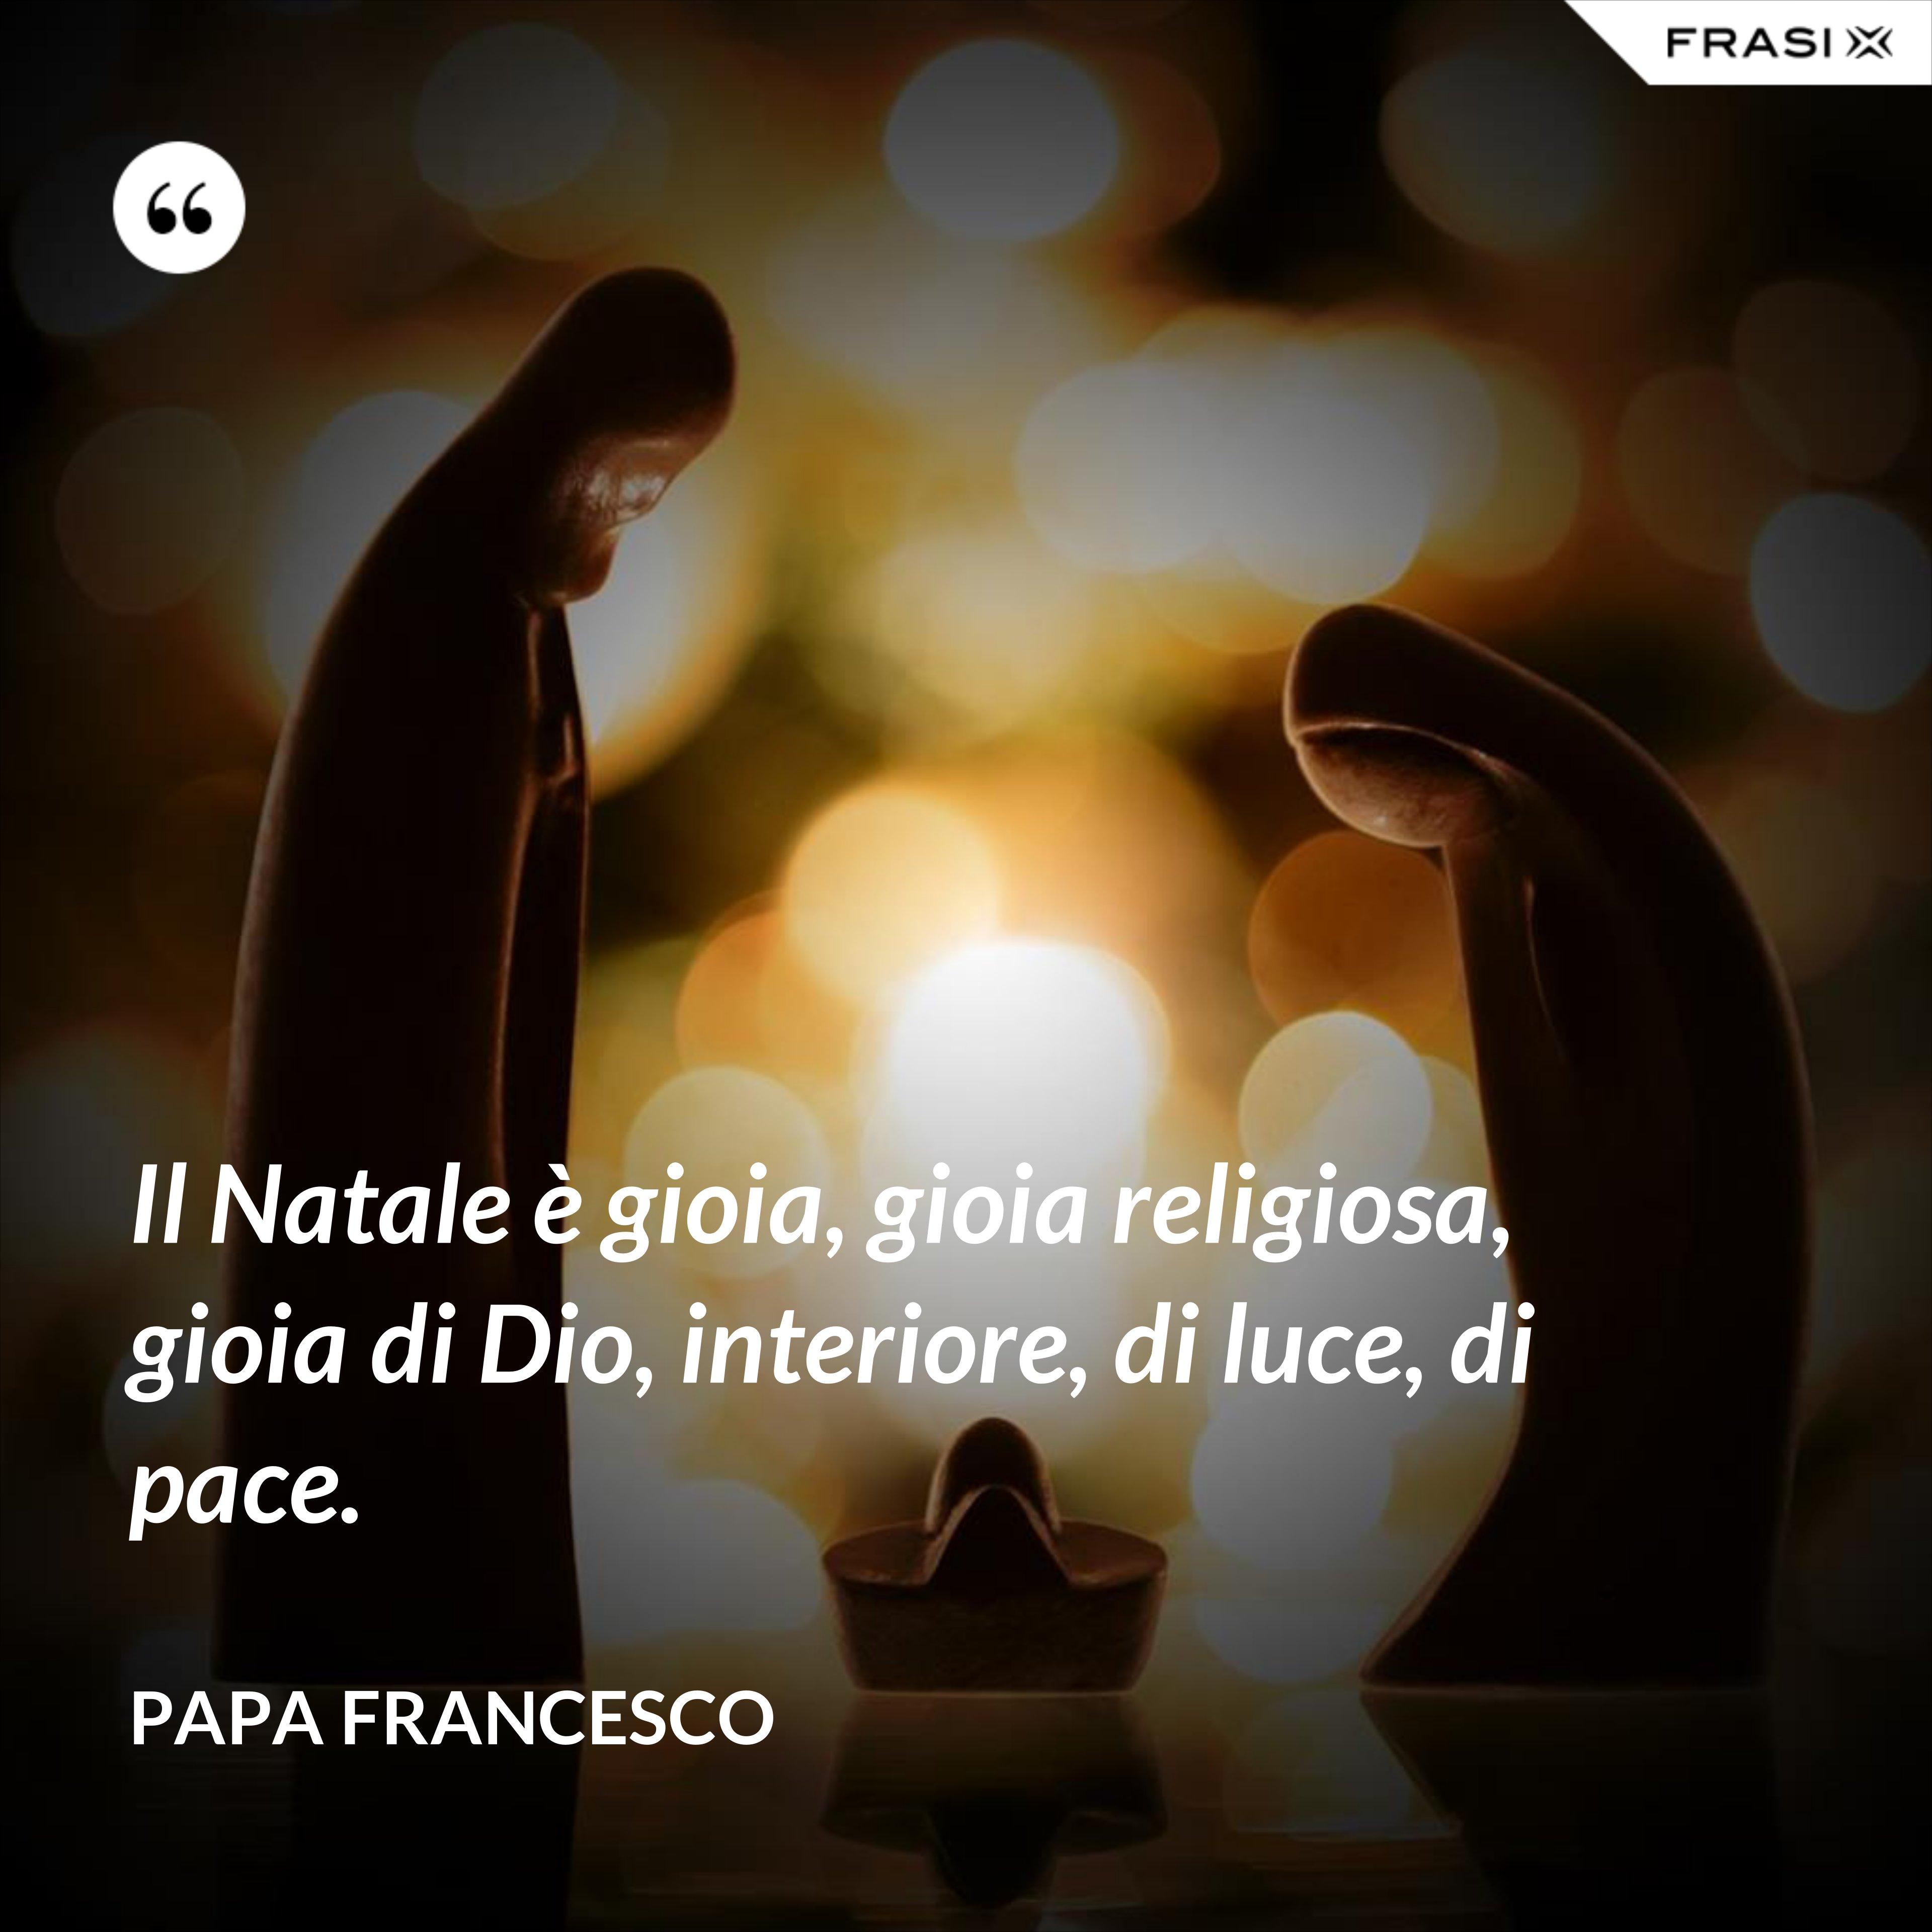 Il Natale è gioia, gioia religiosa, gioia di Dio, interiore, di luce, di pace. - Papa Francesco